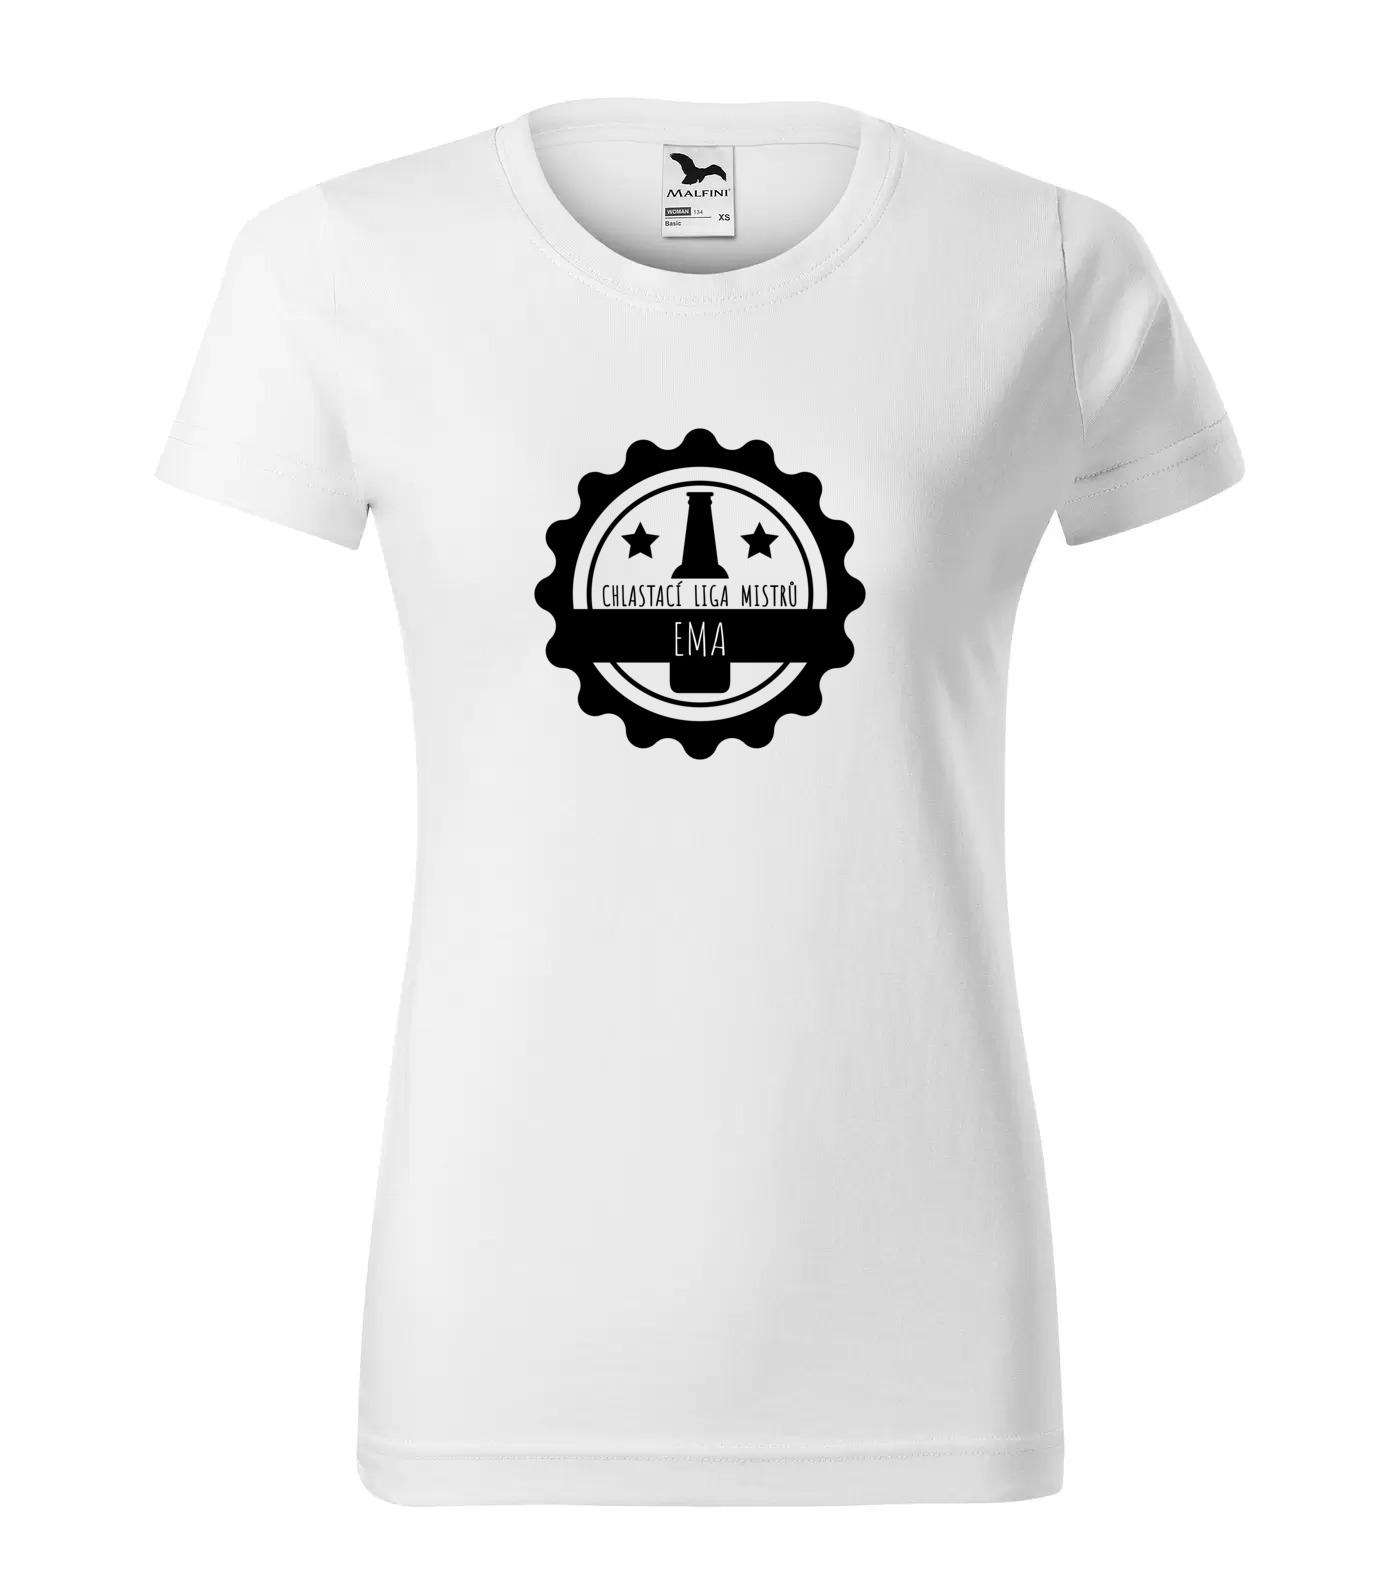 Tričko Chlastací liga žen Ema